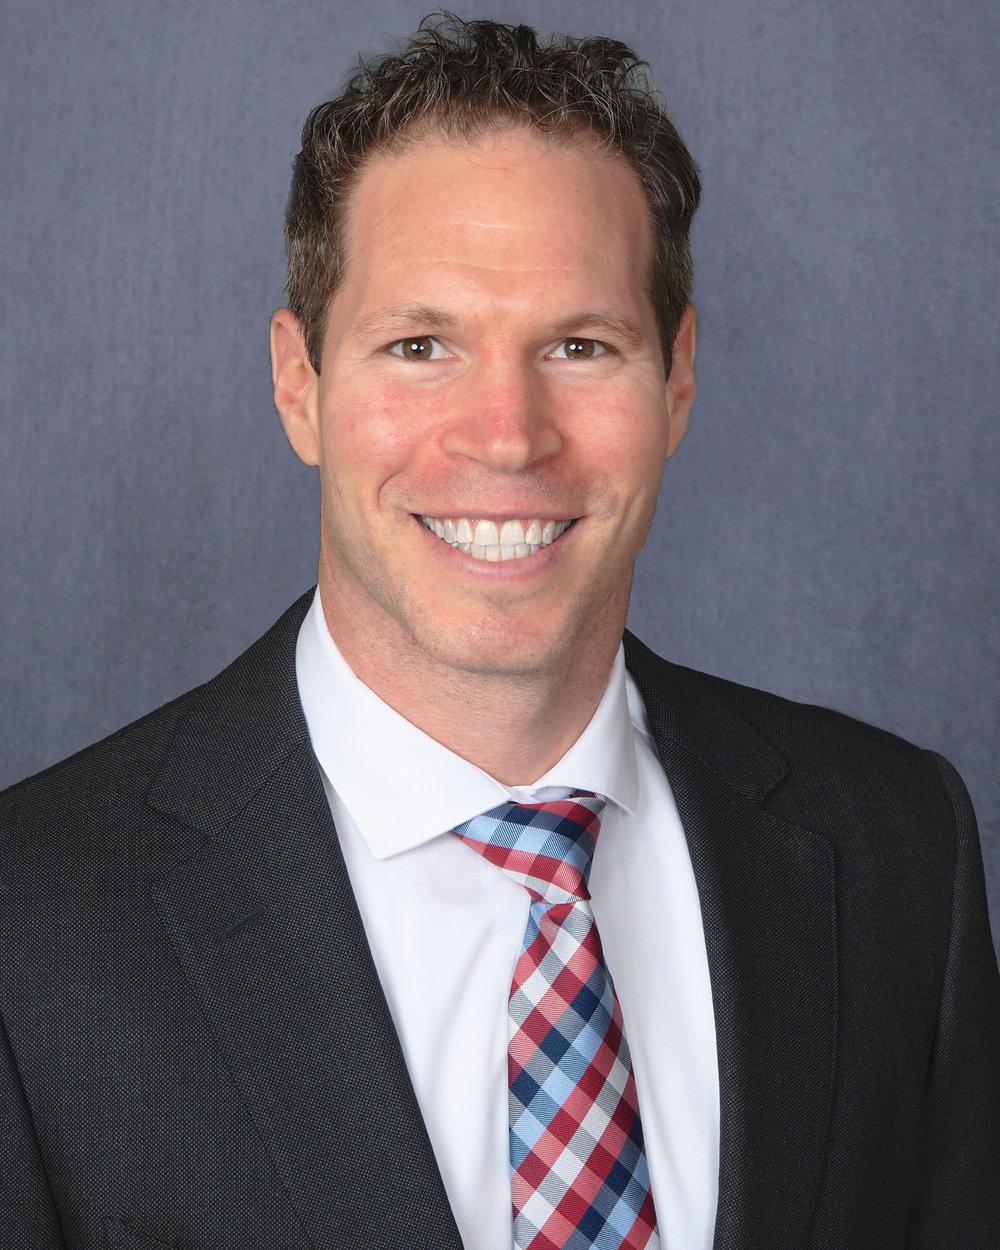 Shawn Ehmann